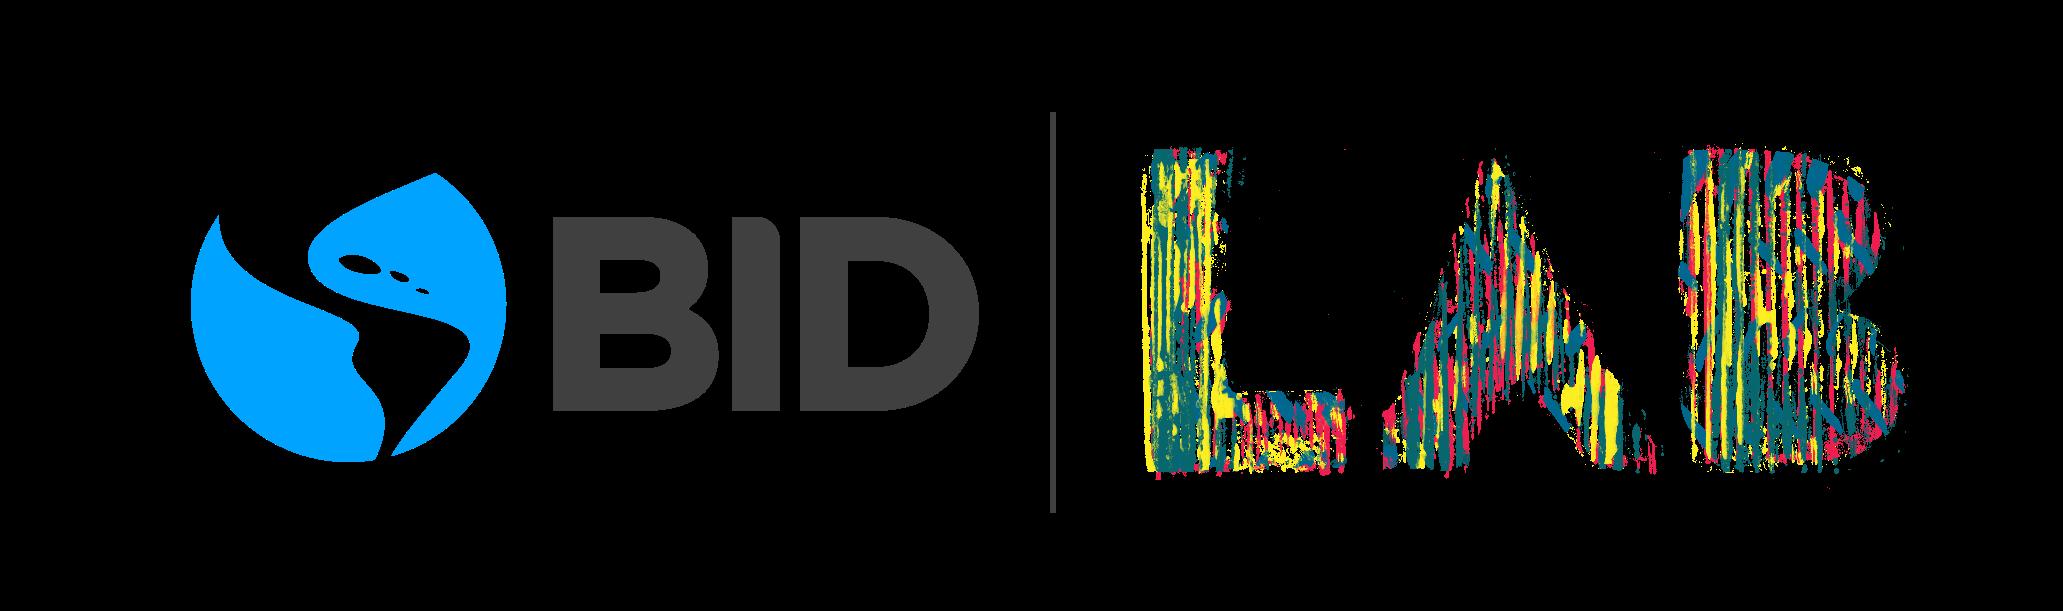 BID-IDB-LAB 2